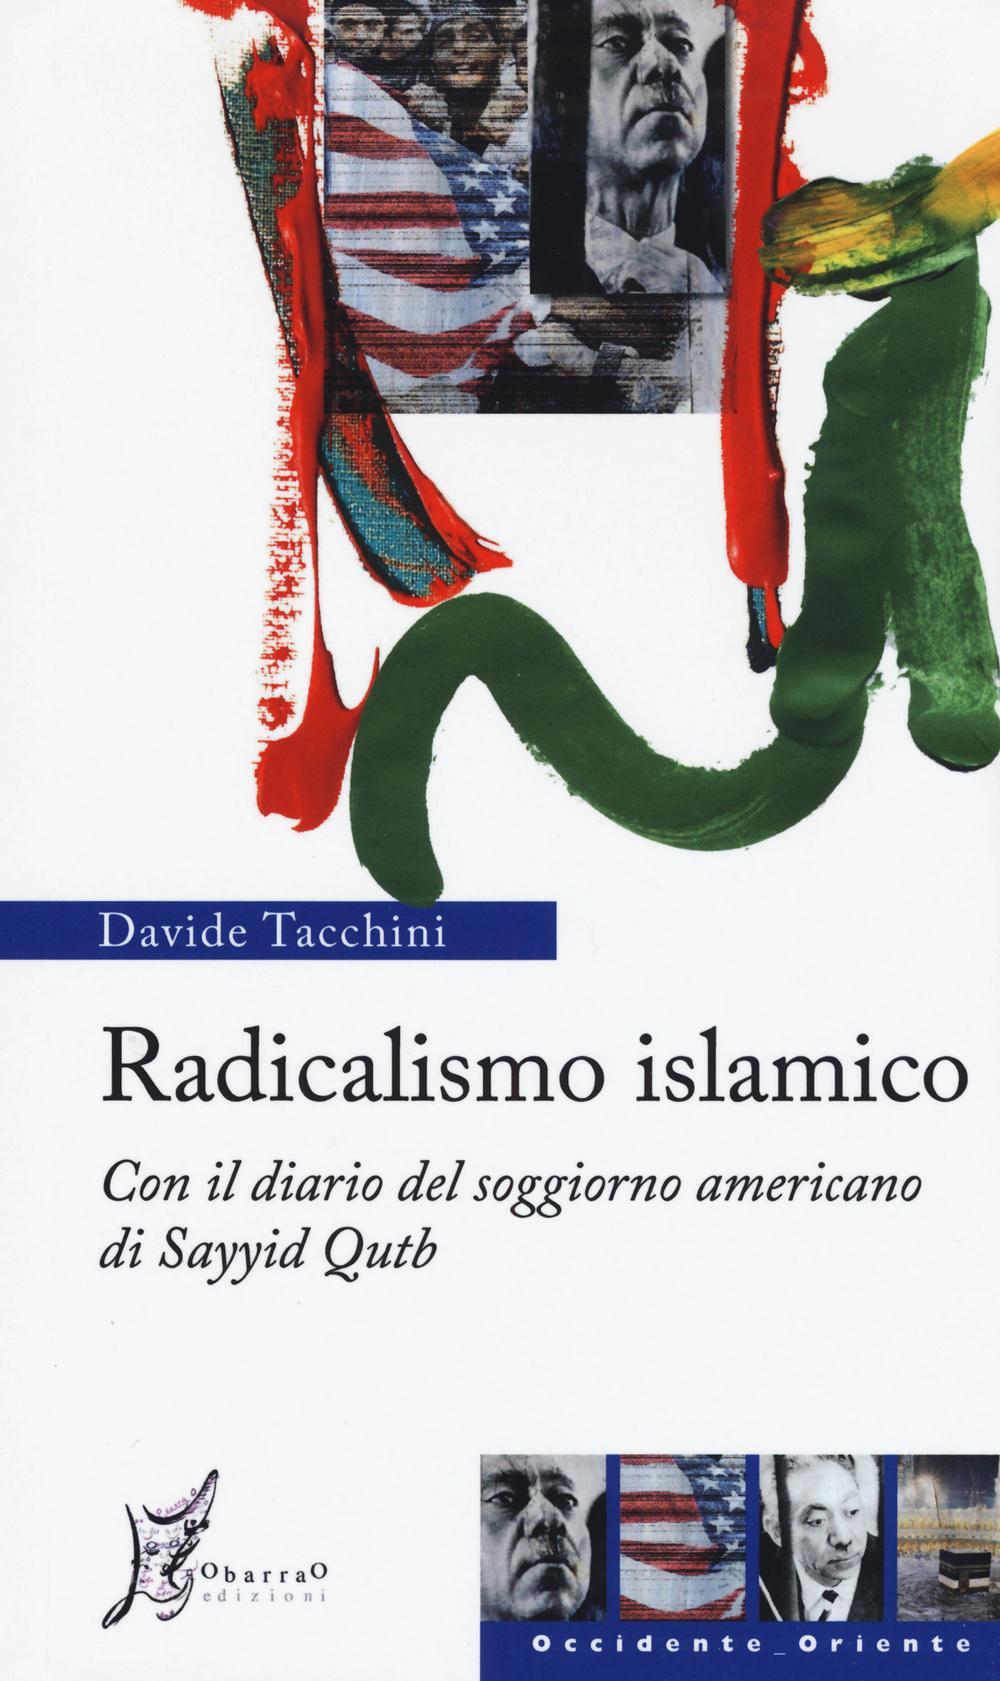 RADICALISMO ISLAMICO. CON IL DIARIO DEL SOGGIORNO AMERICANO DI SAYYID QUTB - 9788897332756